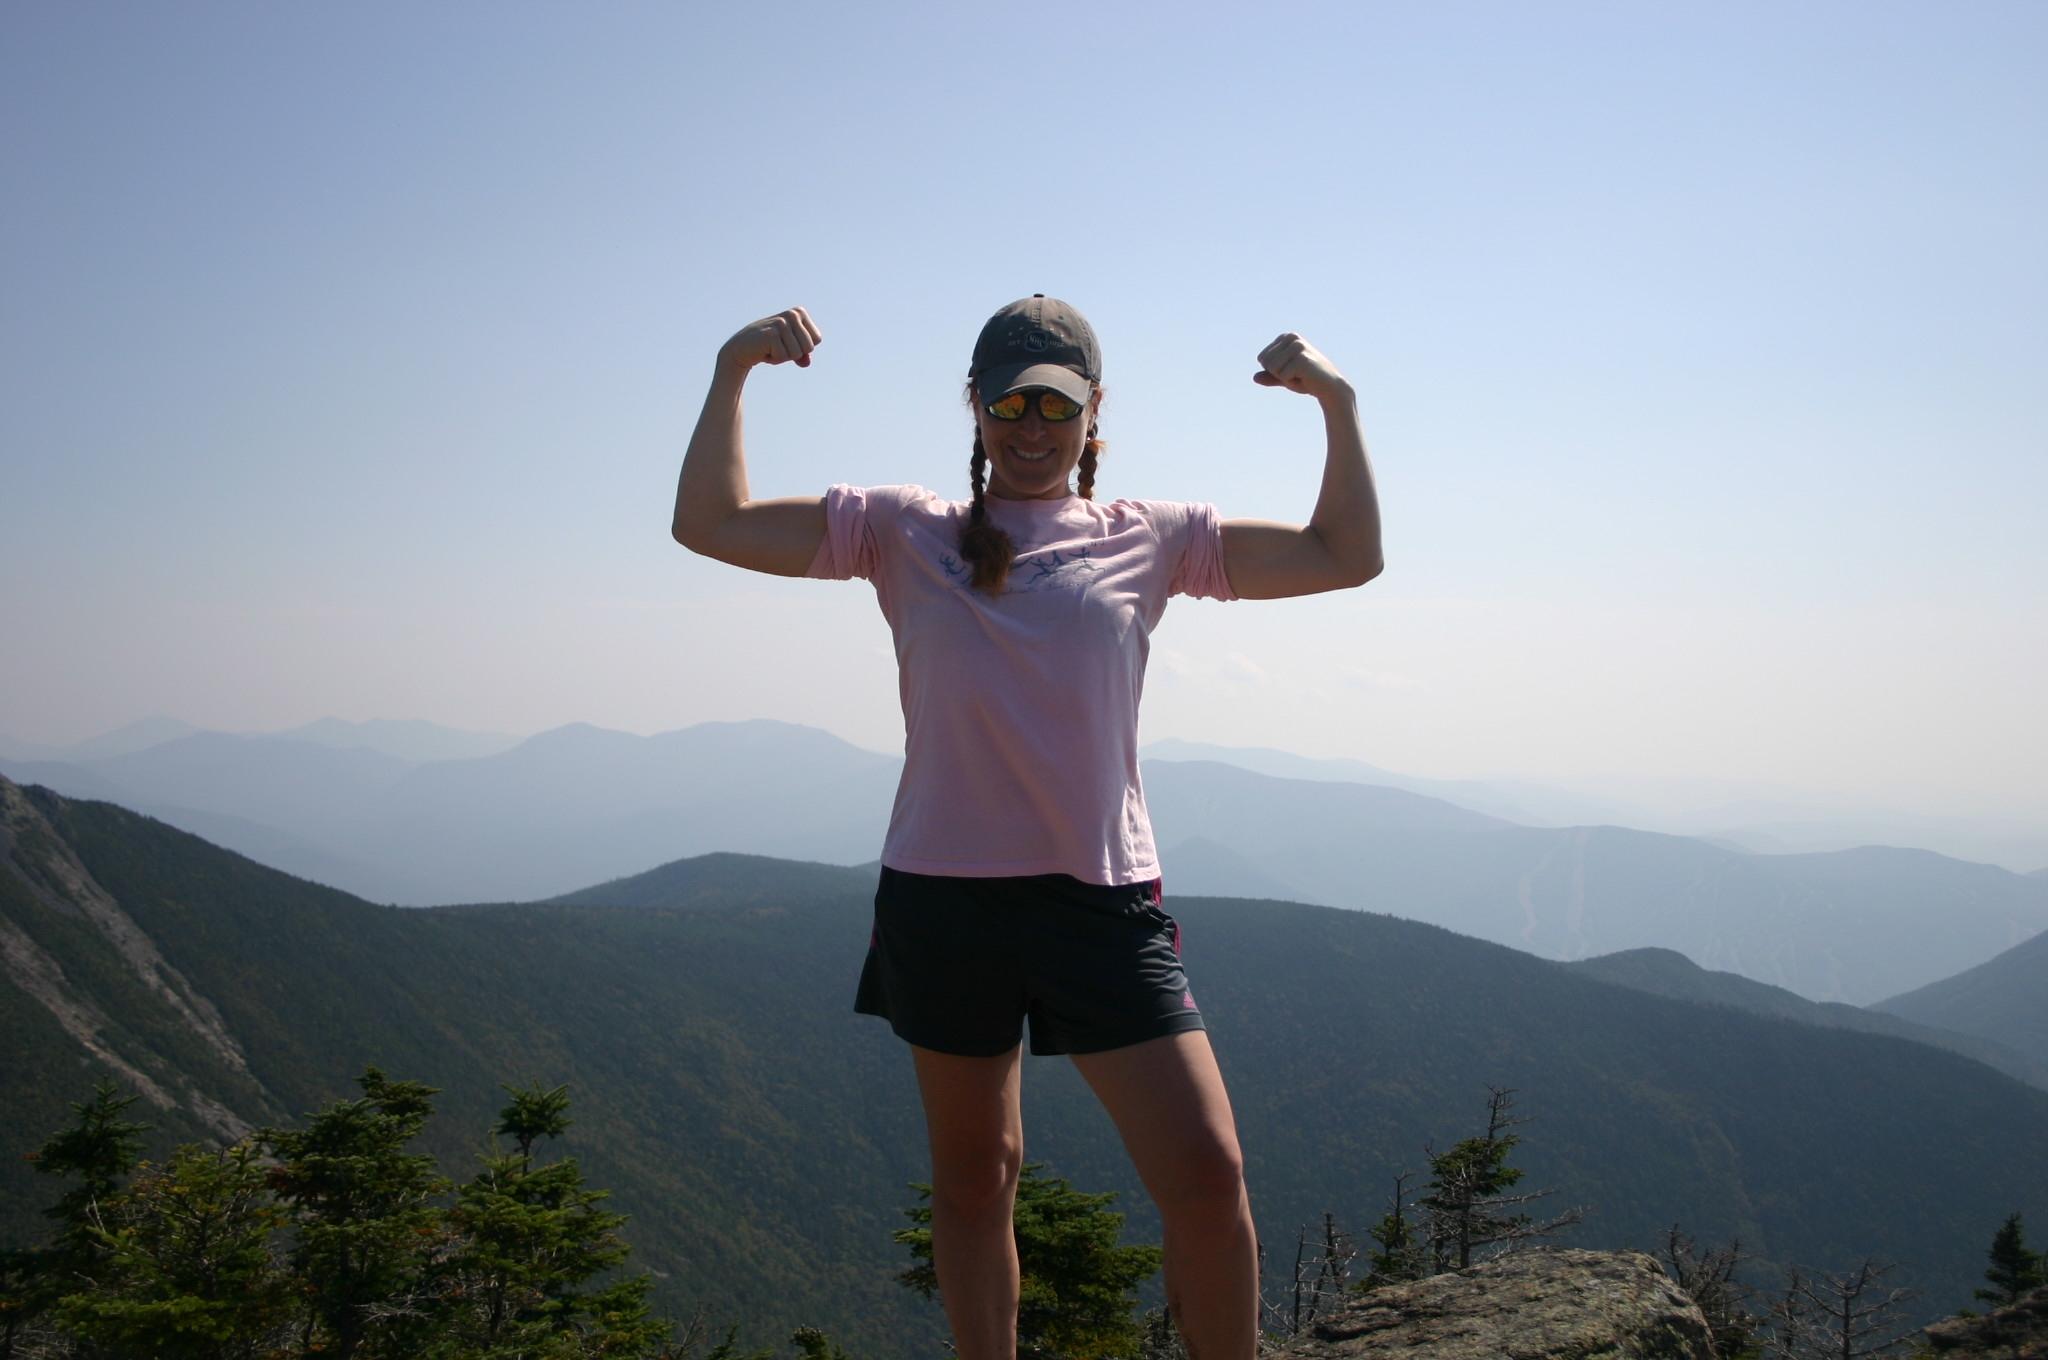 Me. Mt Liberty, New Hampshire.